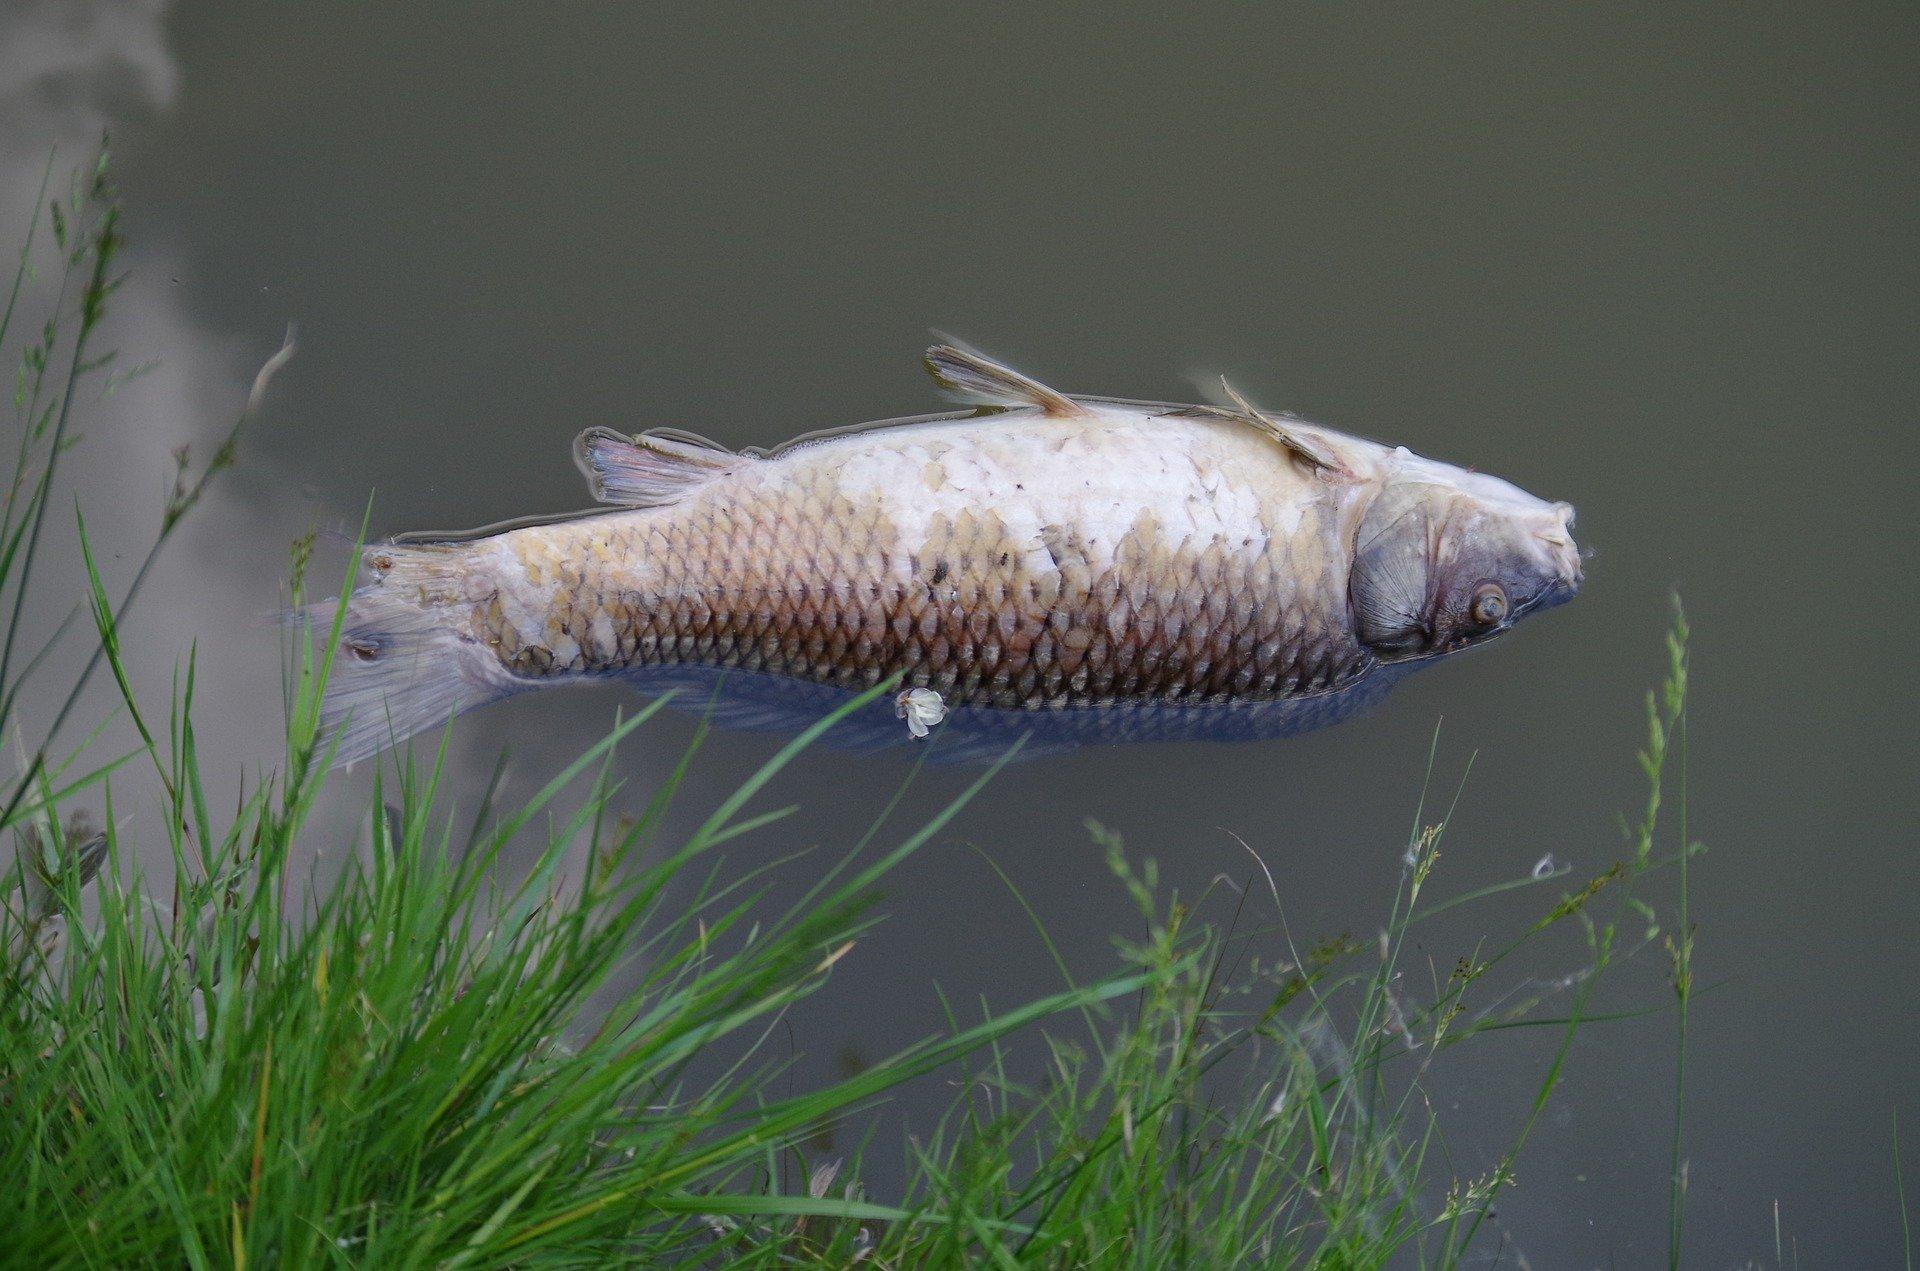 In Berlin kommt es regelmäßig im Sommer zu Fischsterben (Foto: Beispielbild/Pixabay)